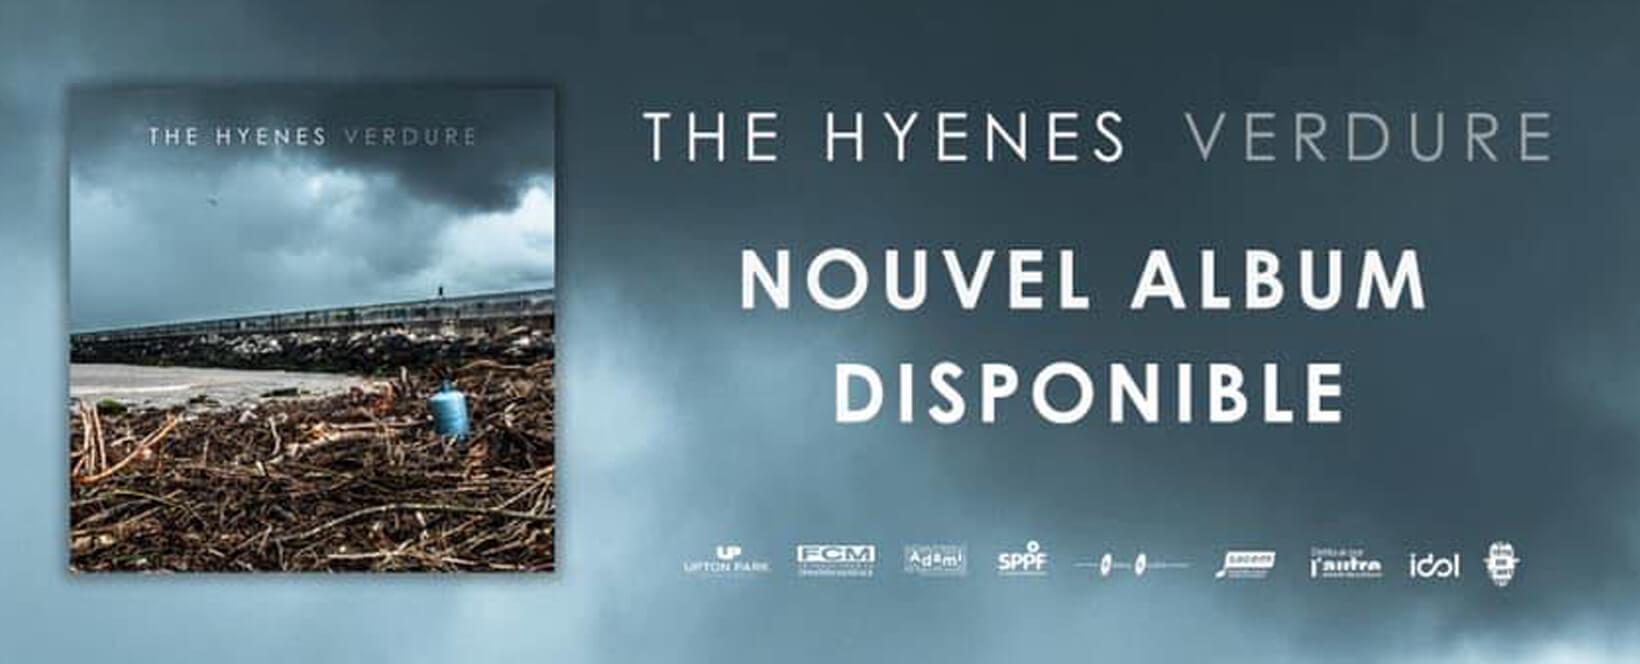 BC-359-Album - The Hyènes : Verdure - Radio Galaxie 98.5FM